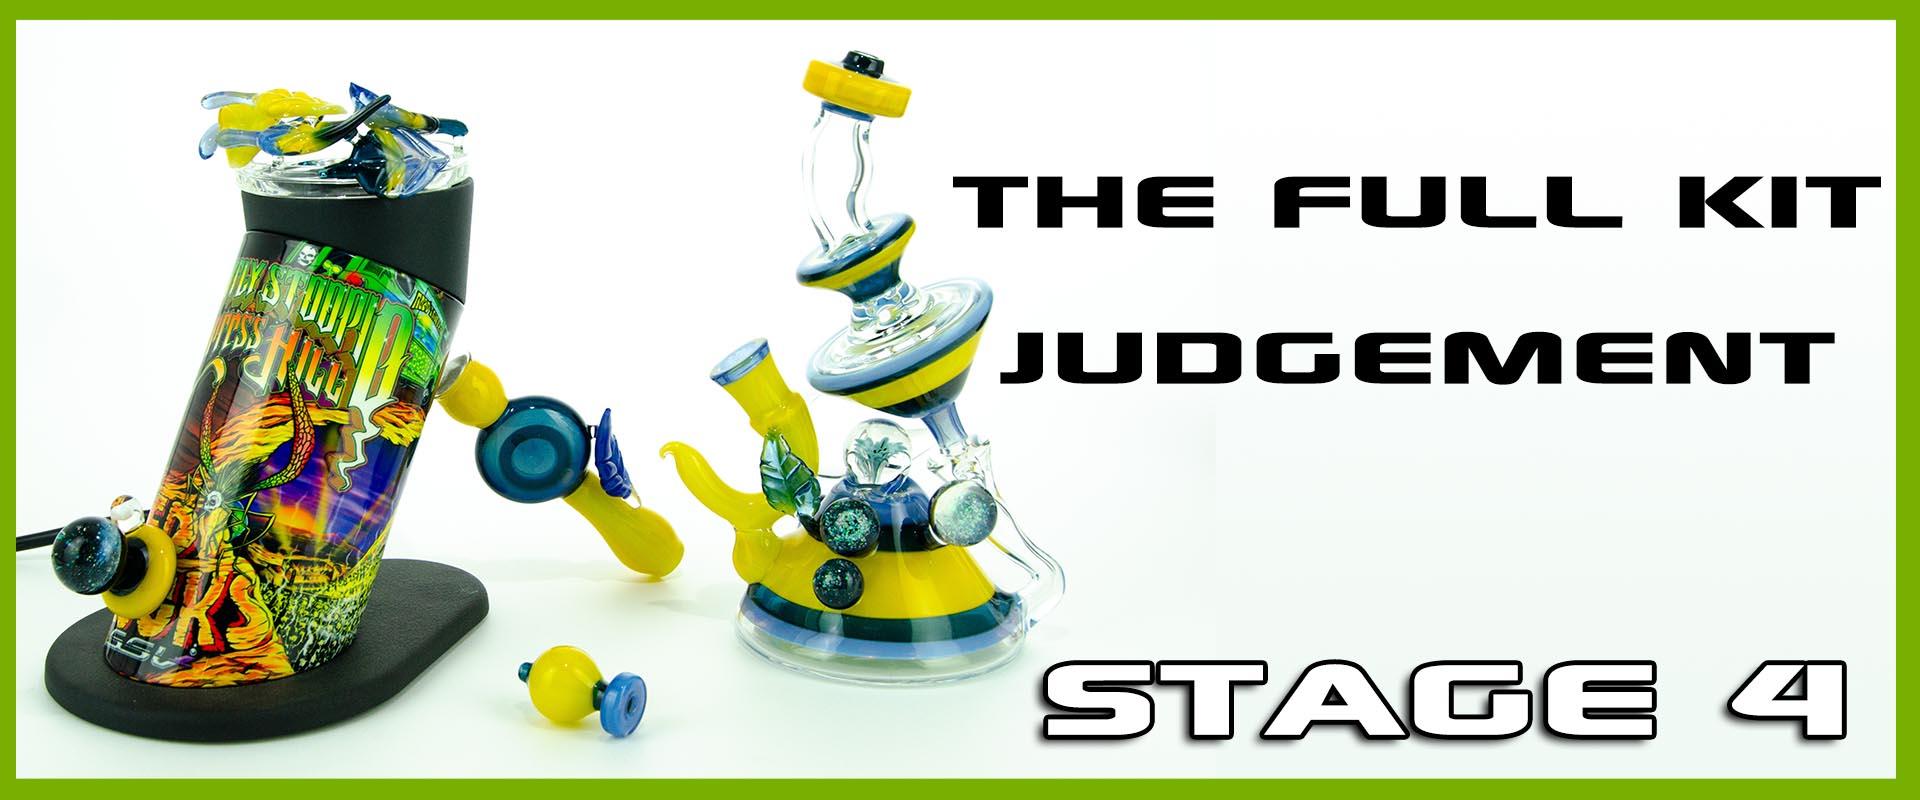 stage-4-full-kit2.jpg